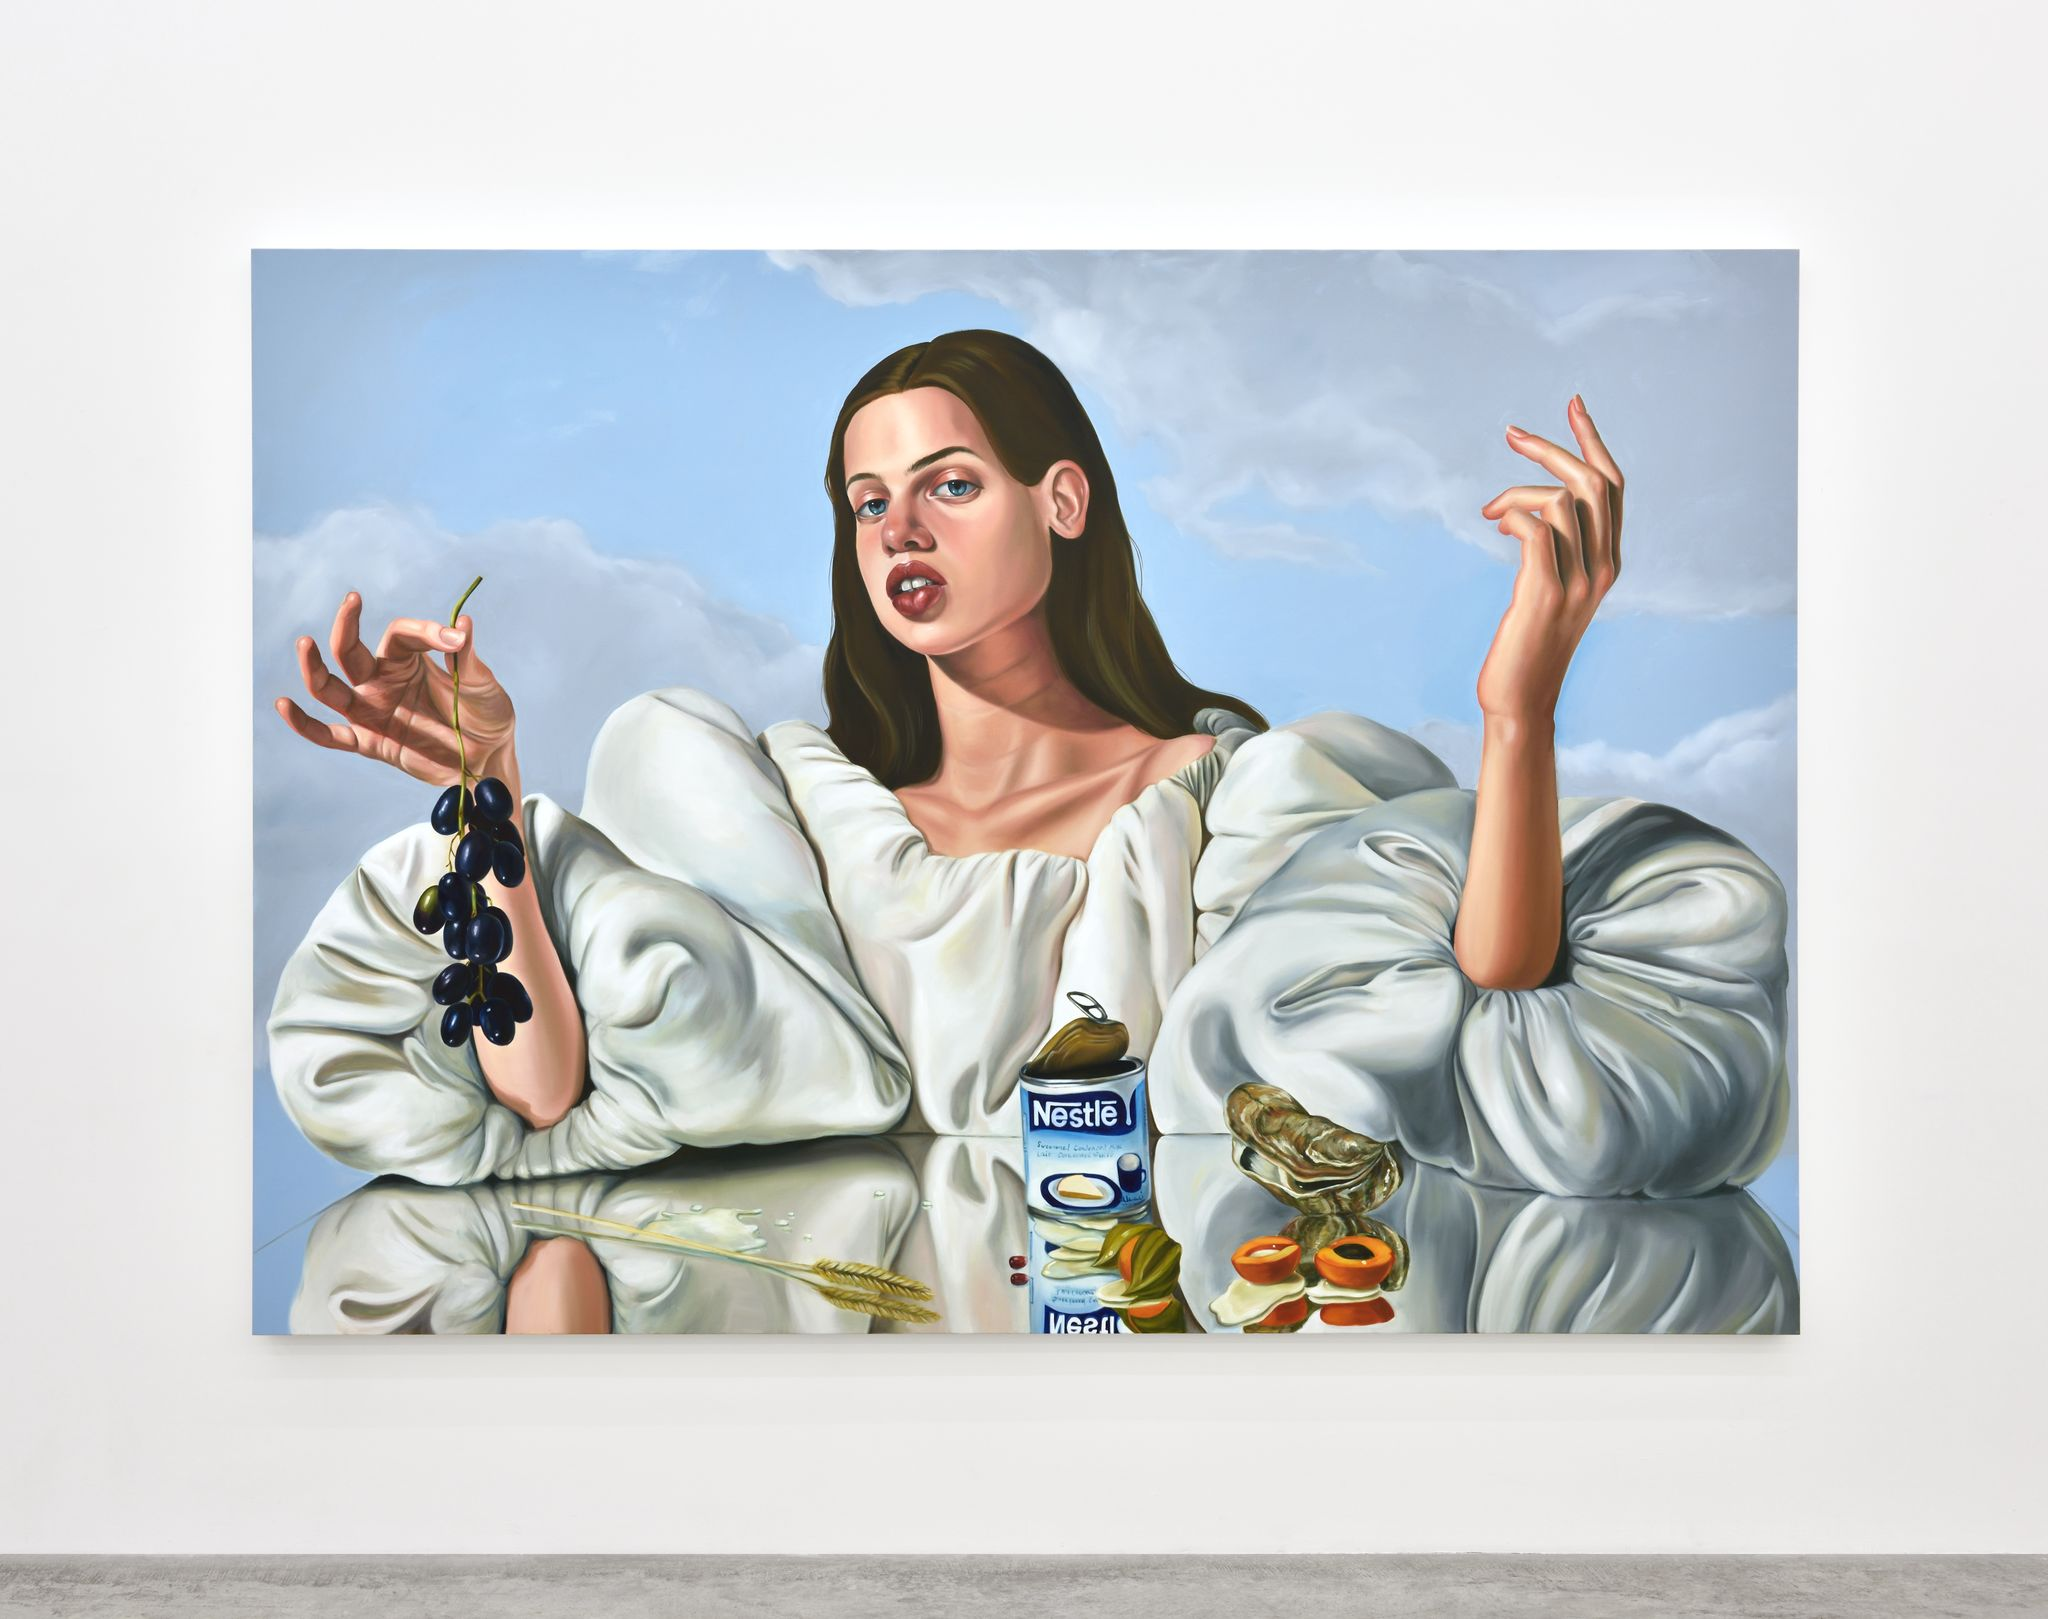 Lactose Tolerance, 2017. Oil on canvas, 210 x 300 cm